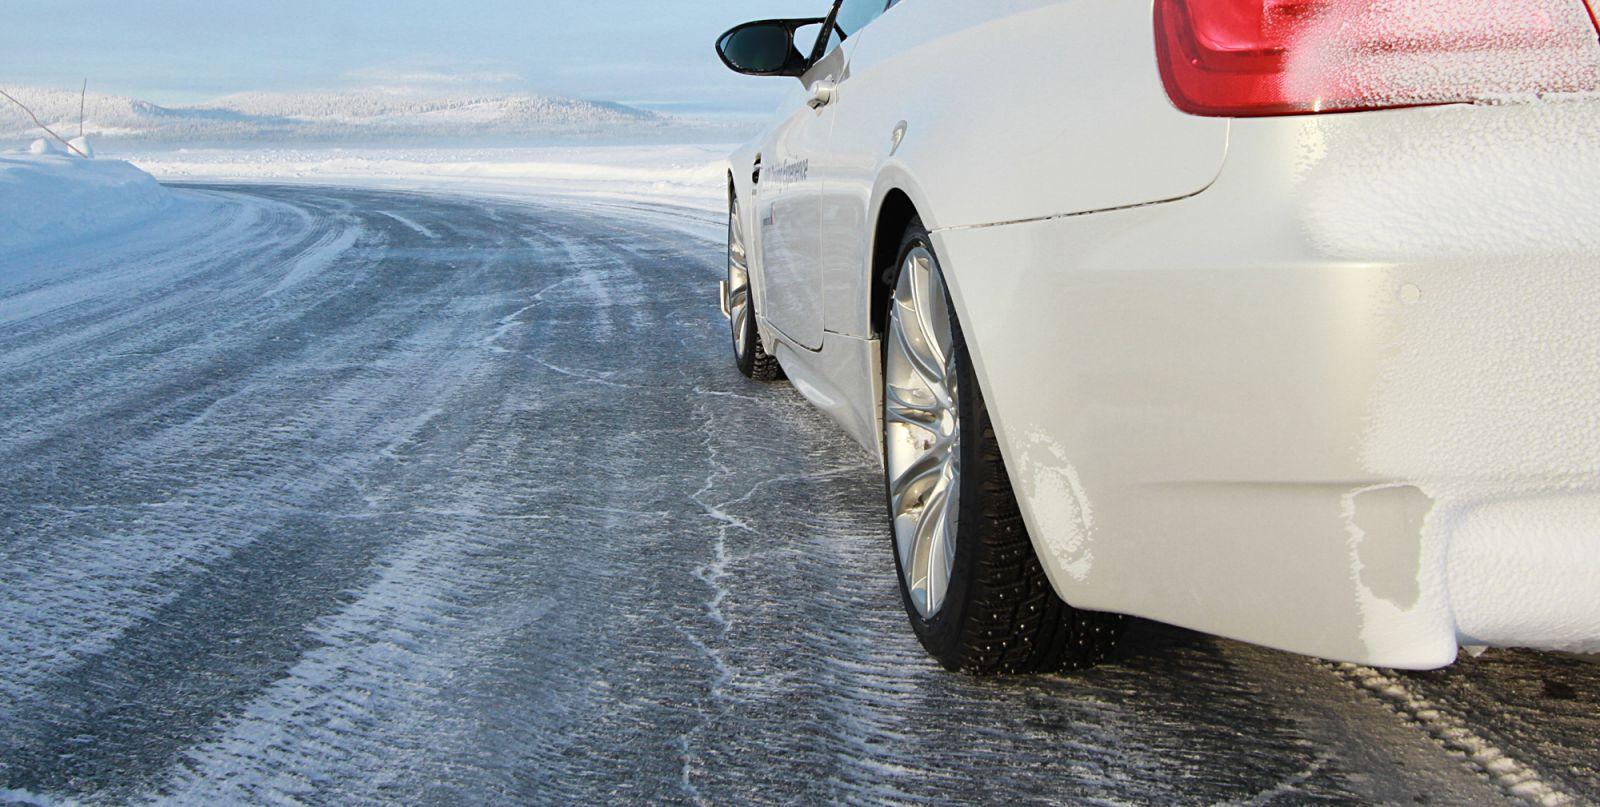 МВД рекомендует водителям быть внимательными на дорогах